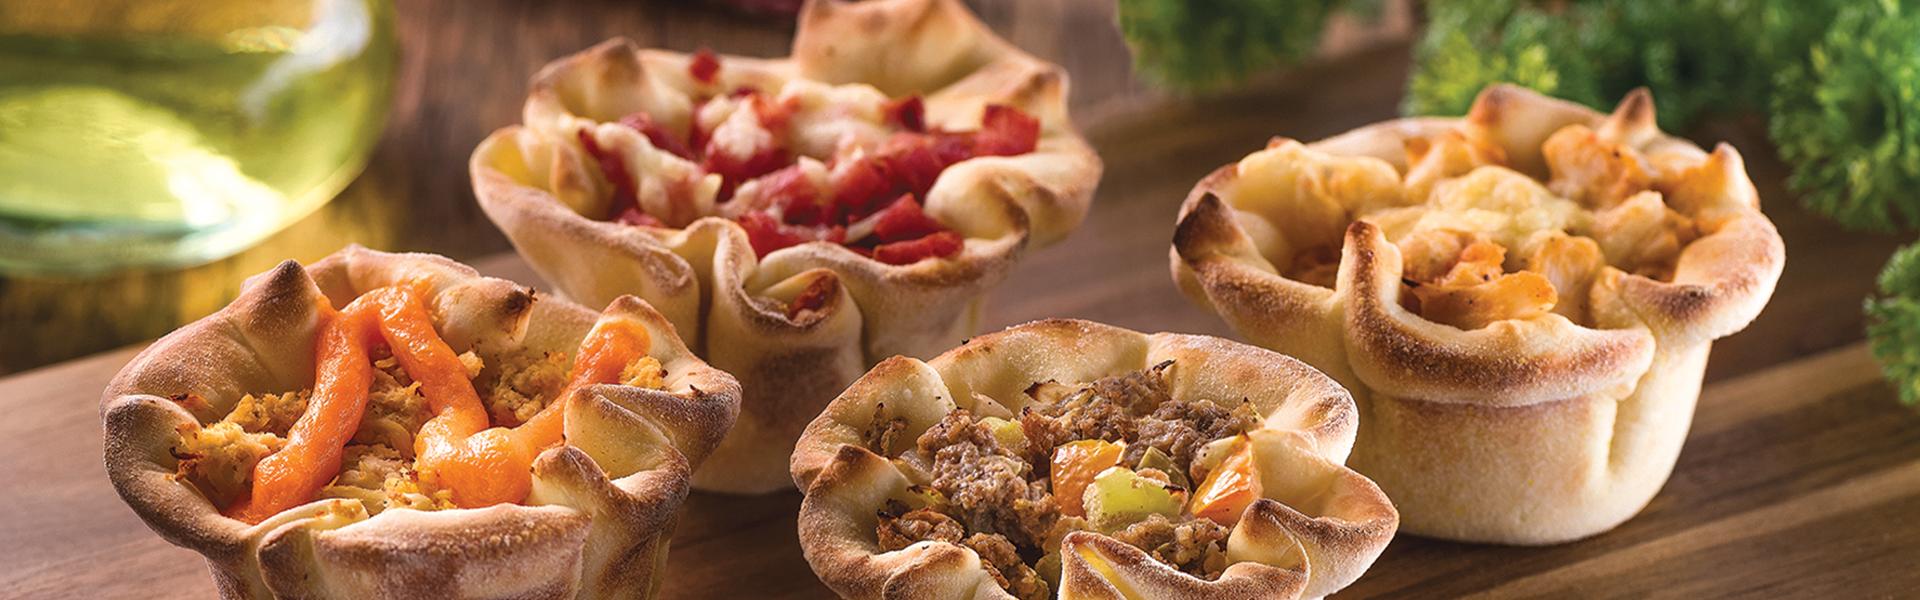 Esfihas Gourmet | Árabi's Esfiharia